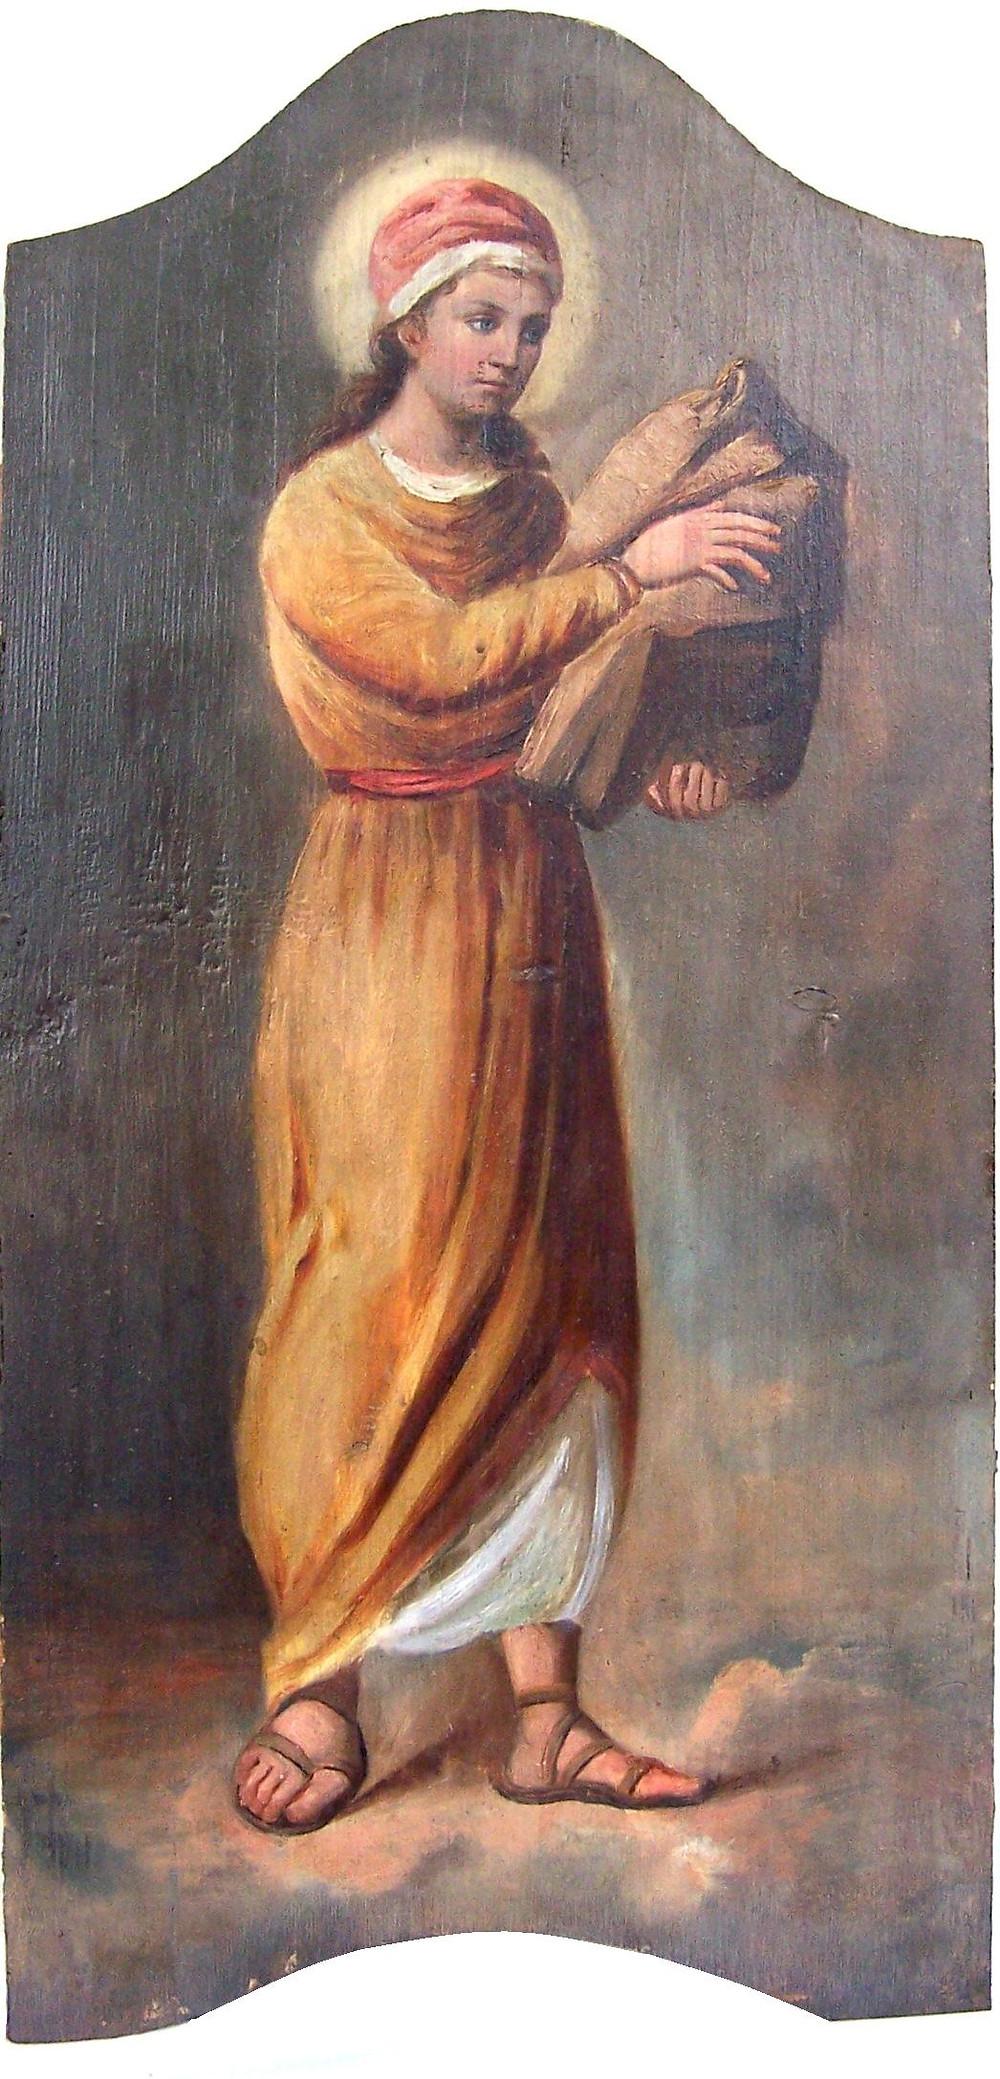 Daniel_Prophet_Hajdudorog.JPG